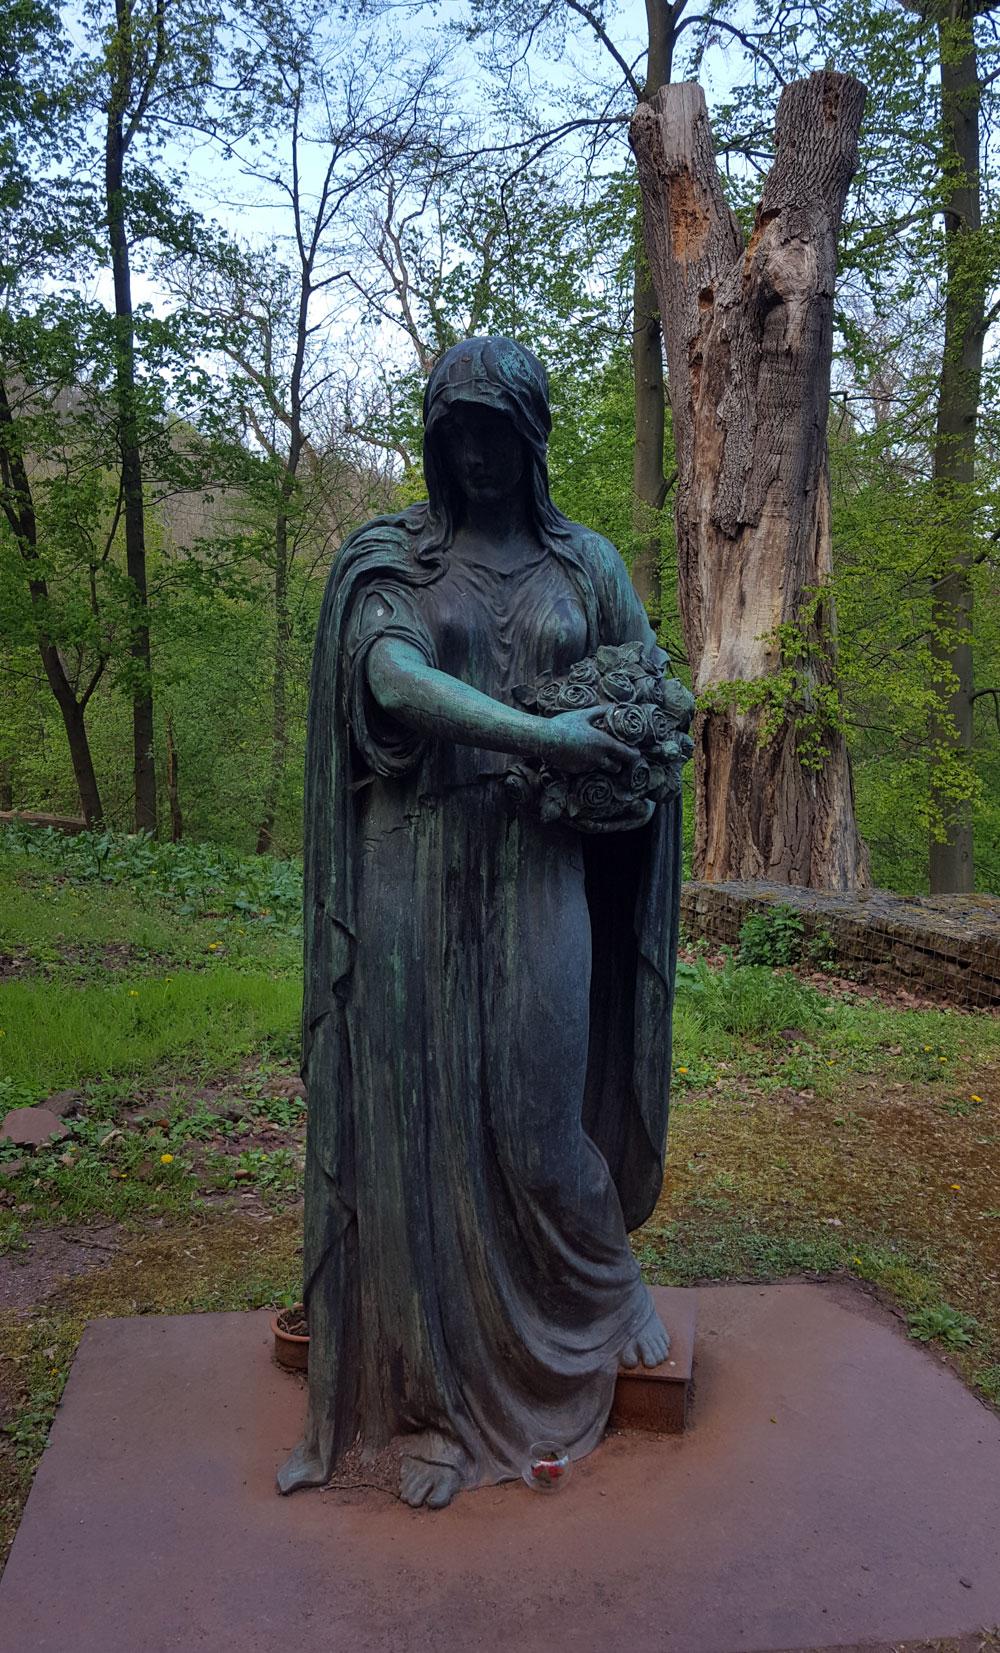 Statue der Heiligen Elisabeth am Elisabethbrunnen im Nordhang des Burgberges, wo sie damals ein kleines Hospital errichtete